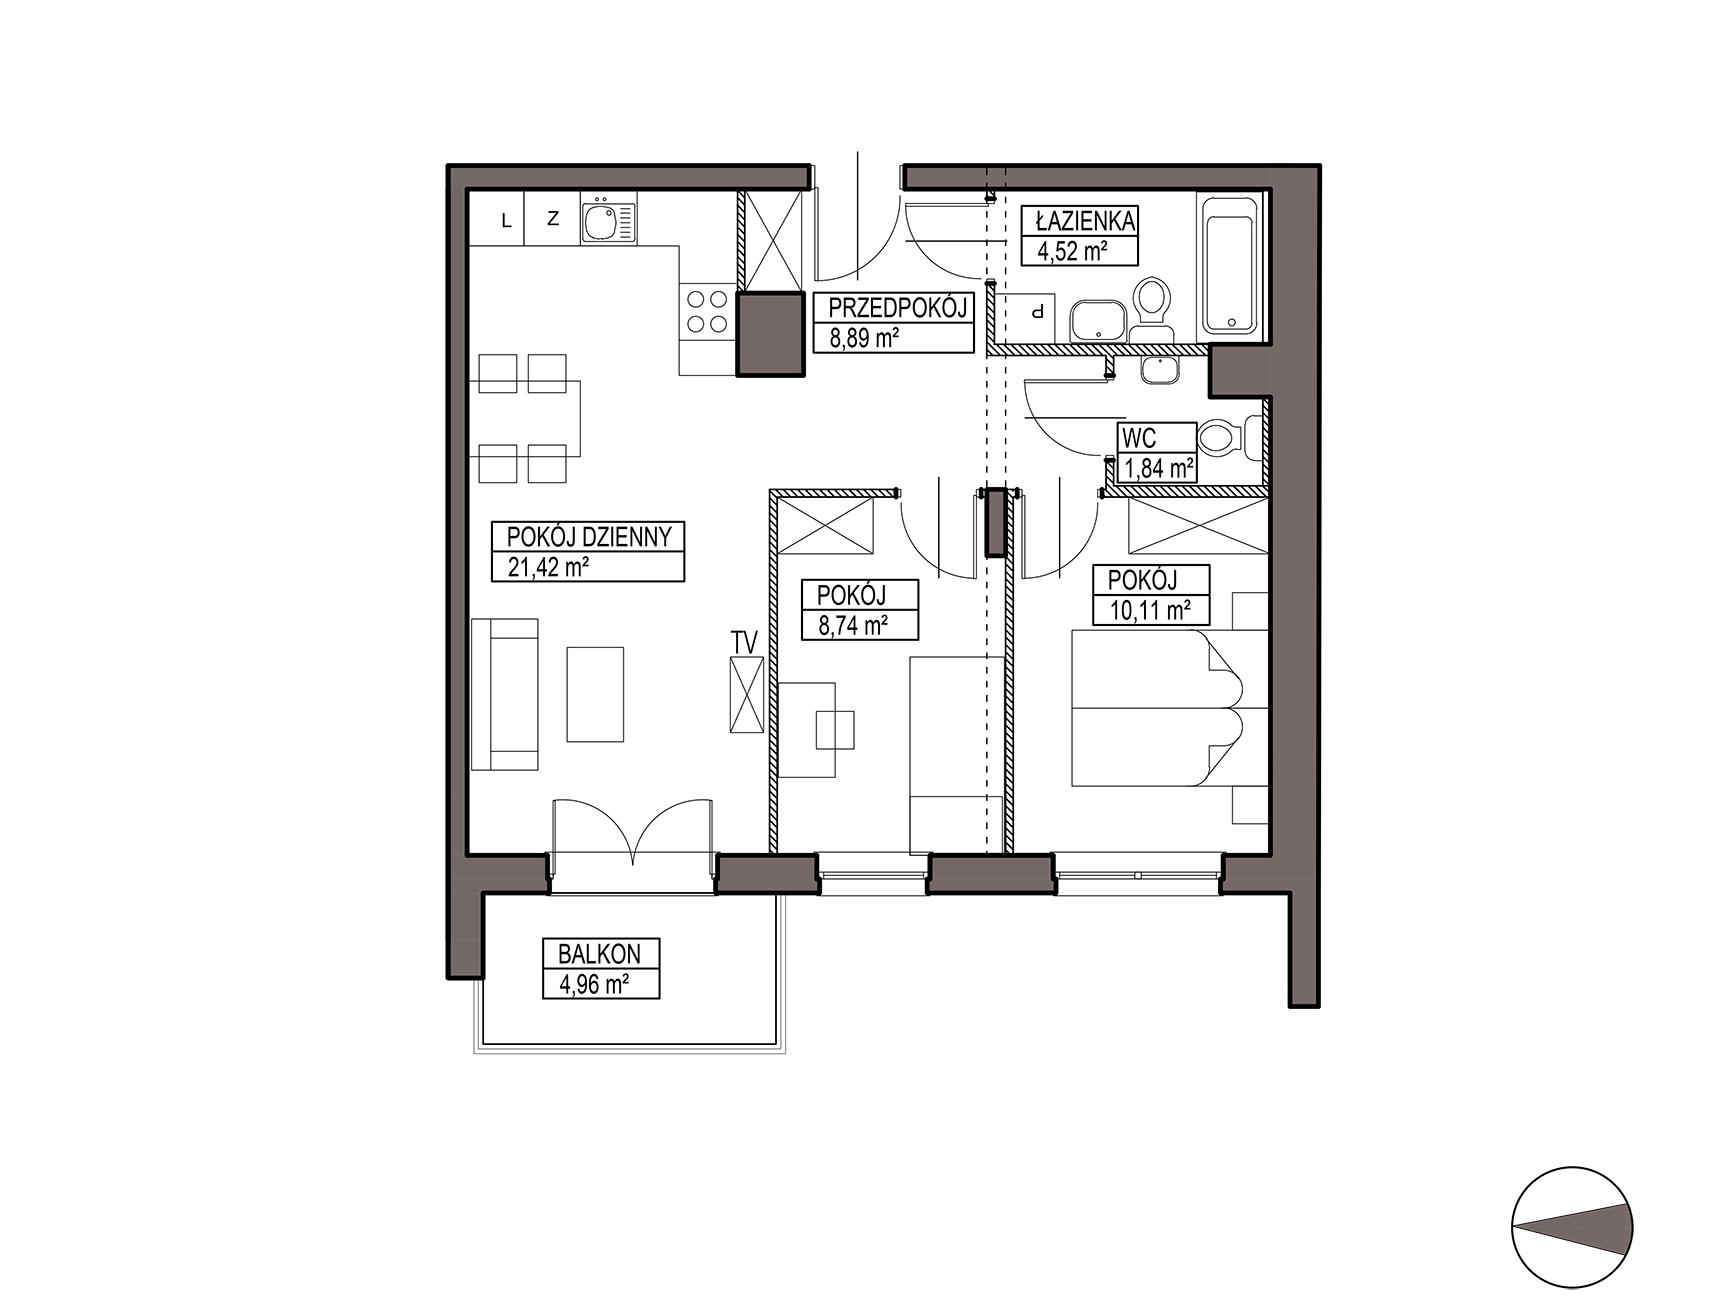 Uroczysko III / budynek 6 / mieszkanie H/2/19 rzut 1